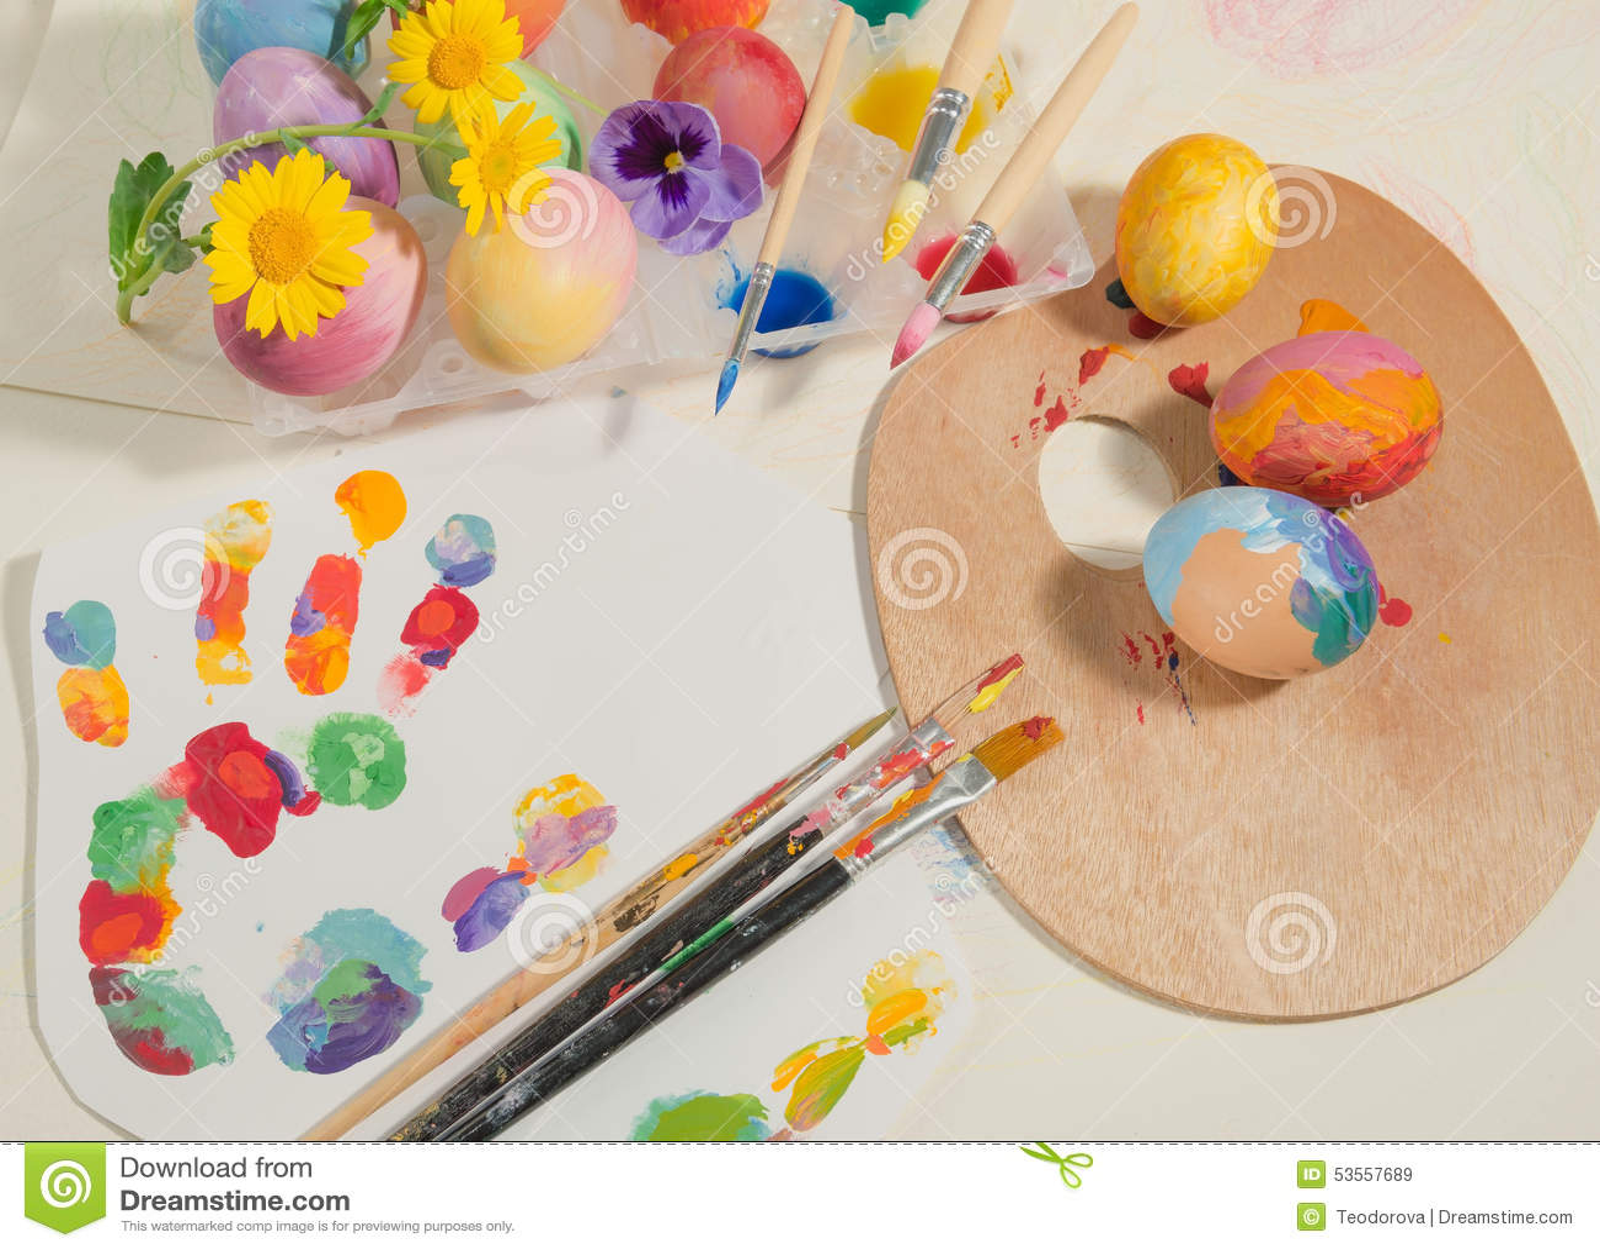 Le uova dipinte a mano di pasqua con le spazzole del - Uova di pasqua decorati a mano ...